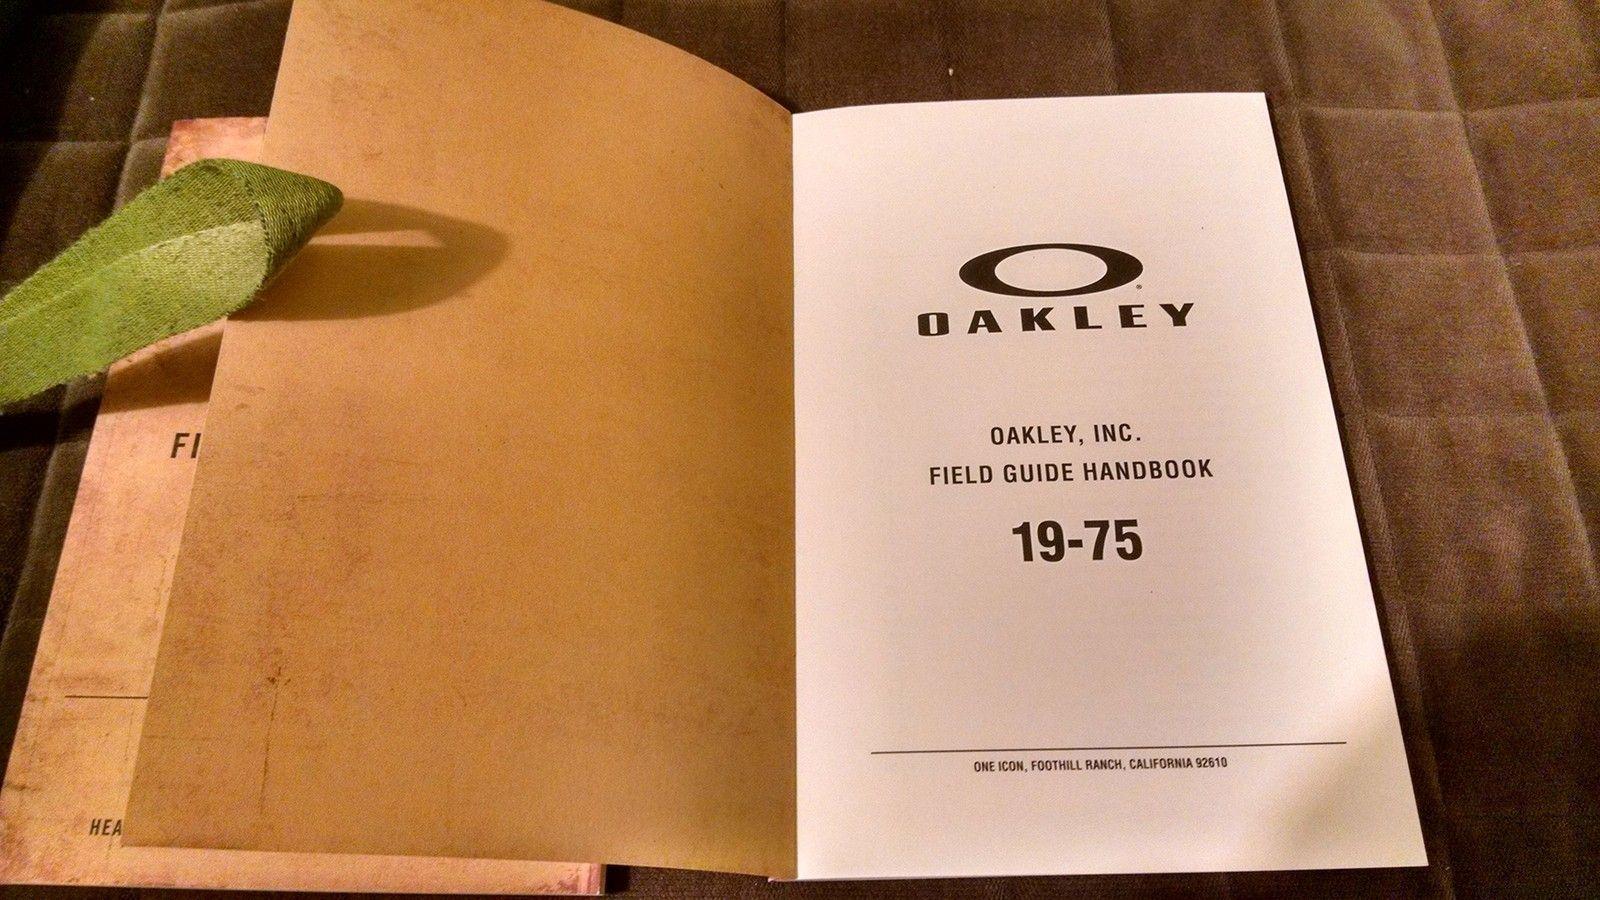 Oakley Field Guide Handbook (employee manual) - IMG_20151204_184632820_HDR.jpg